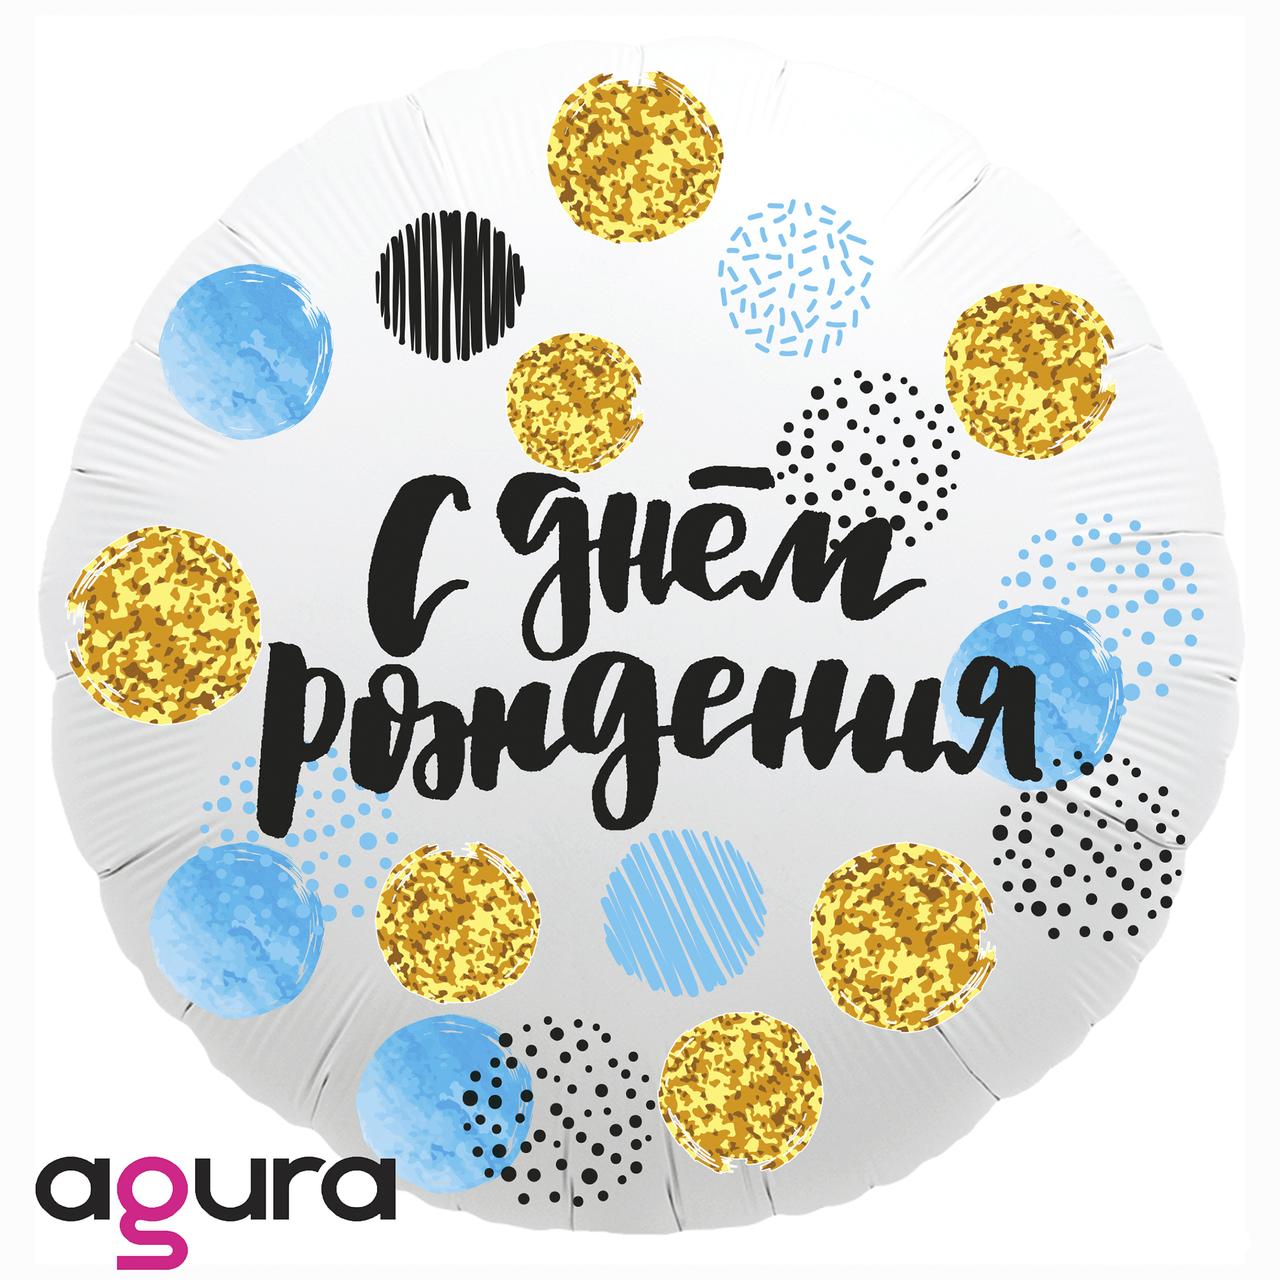 Фольгований куля Agura (Агура) З днем народження, 18' (45 см)